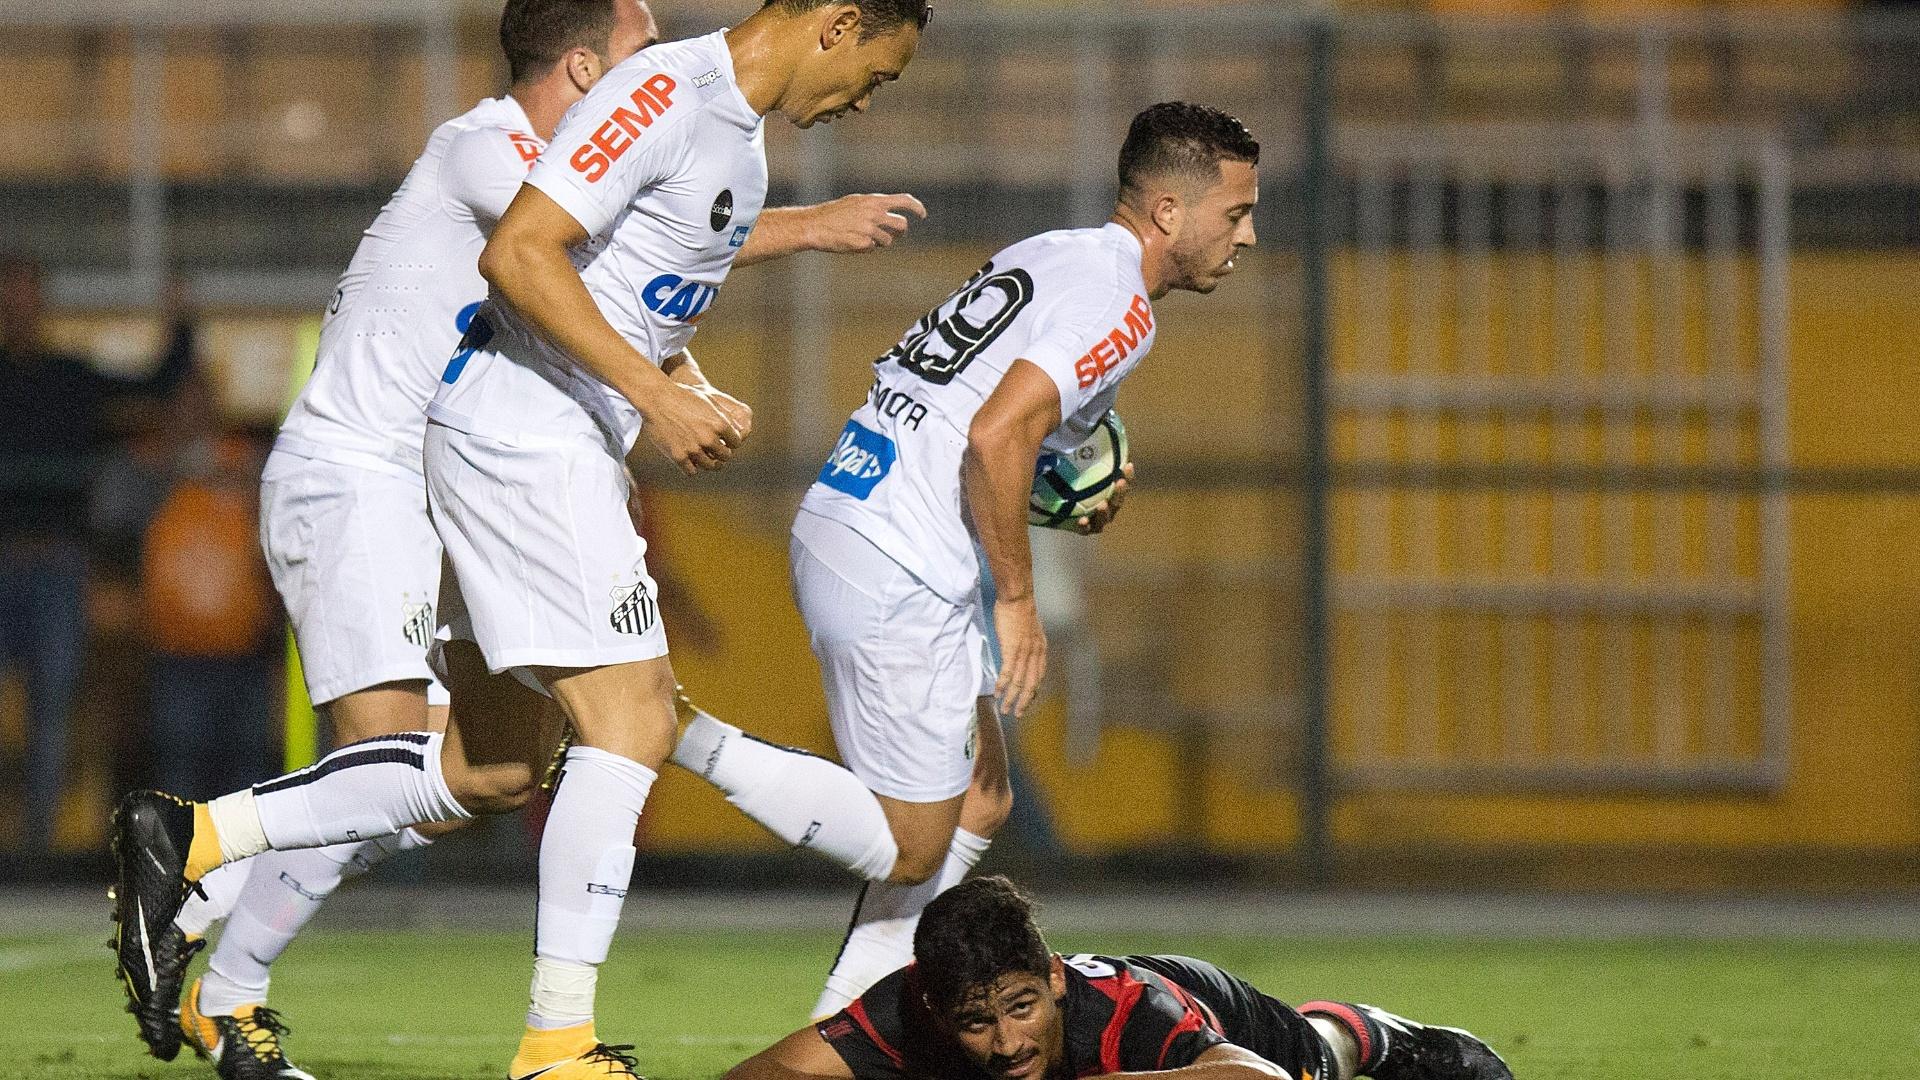 Jogadores do Santos comemora gol contra de Ramon em jogo contra o Vitória